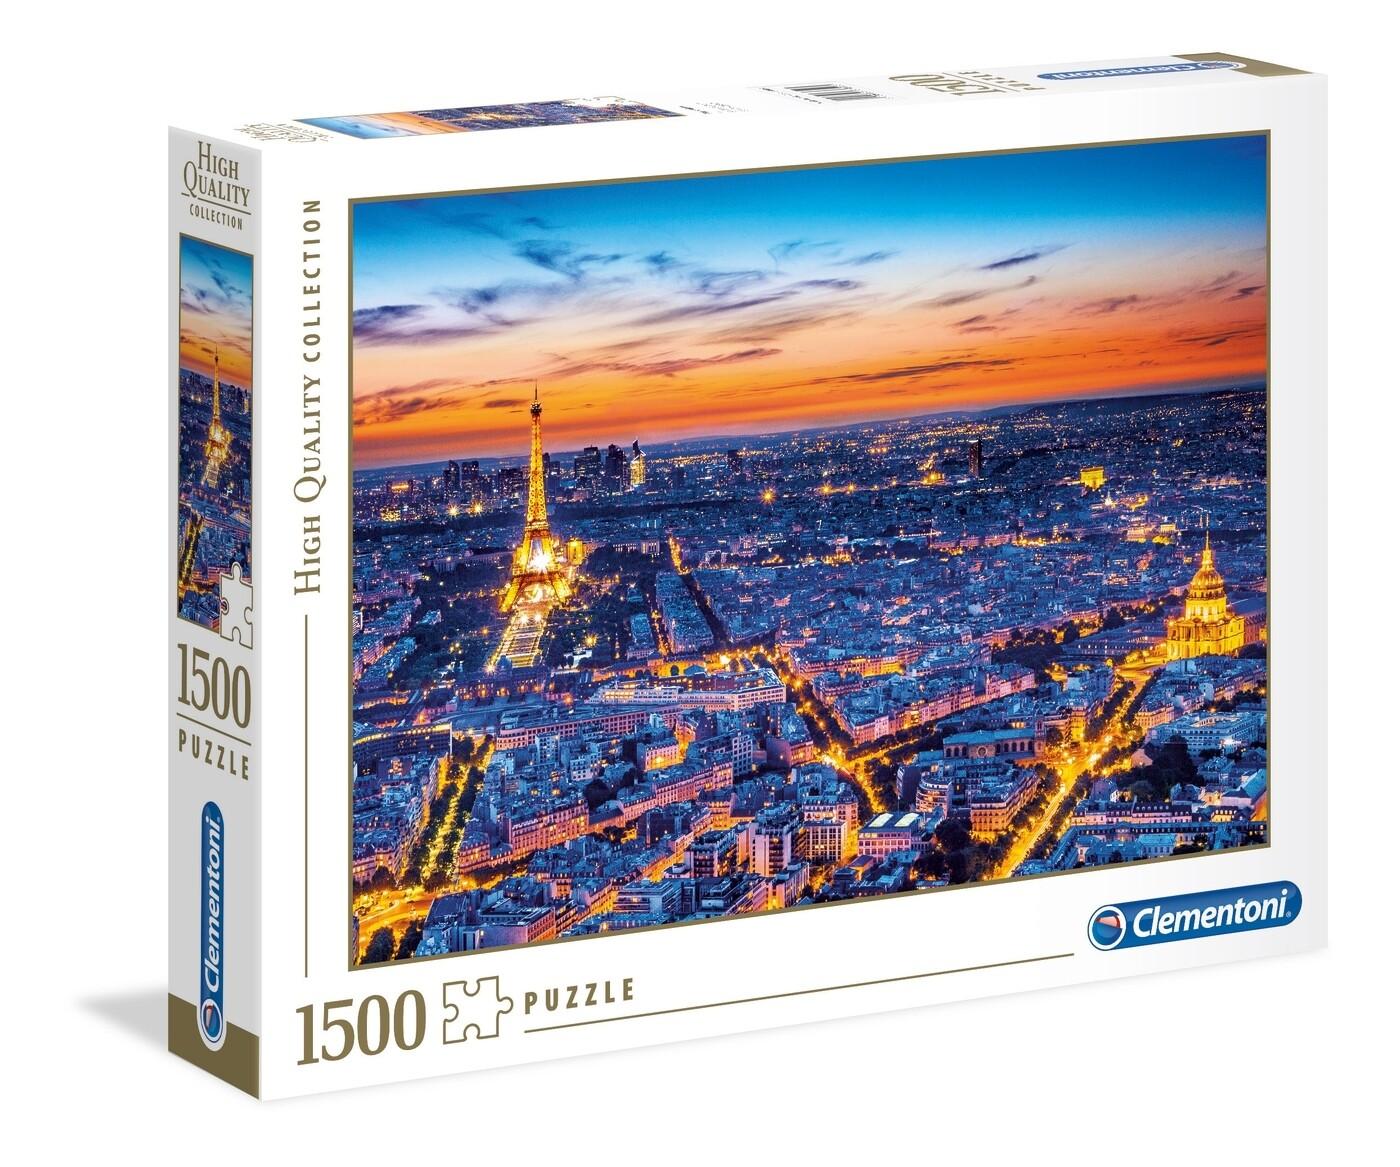 PUZZLE 1500 HQ Paris View - CLEMENTONI